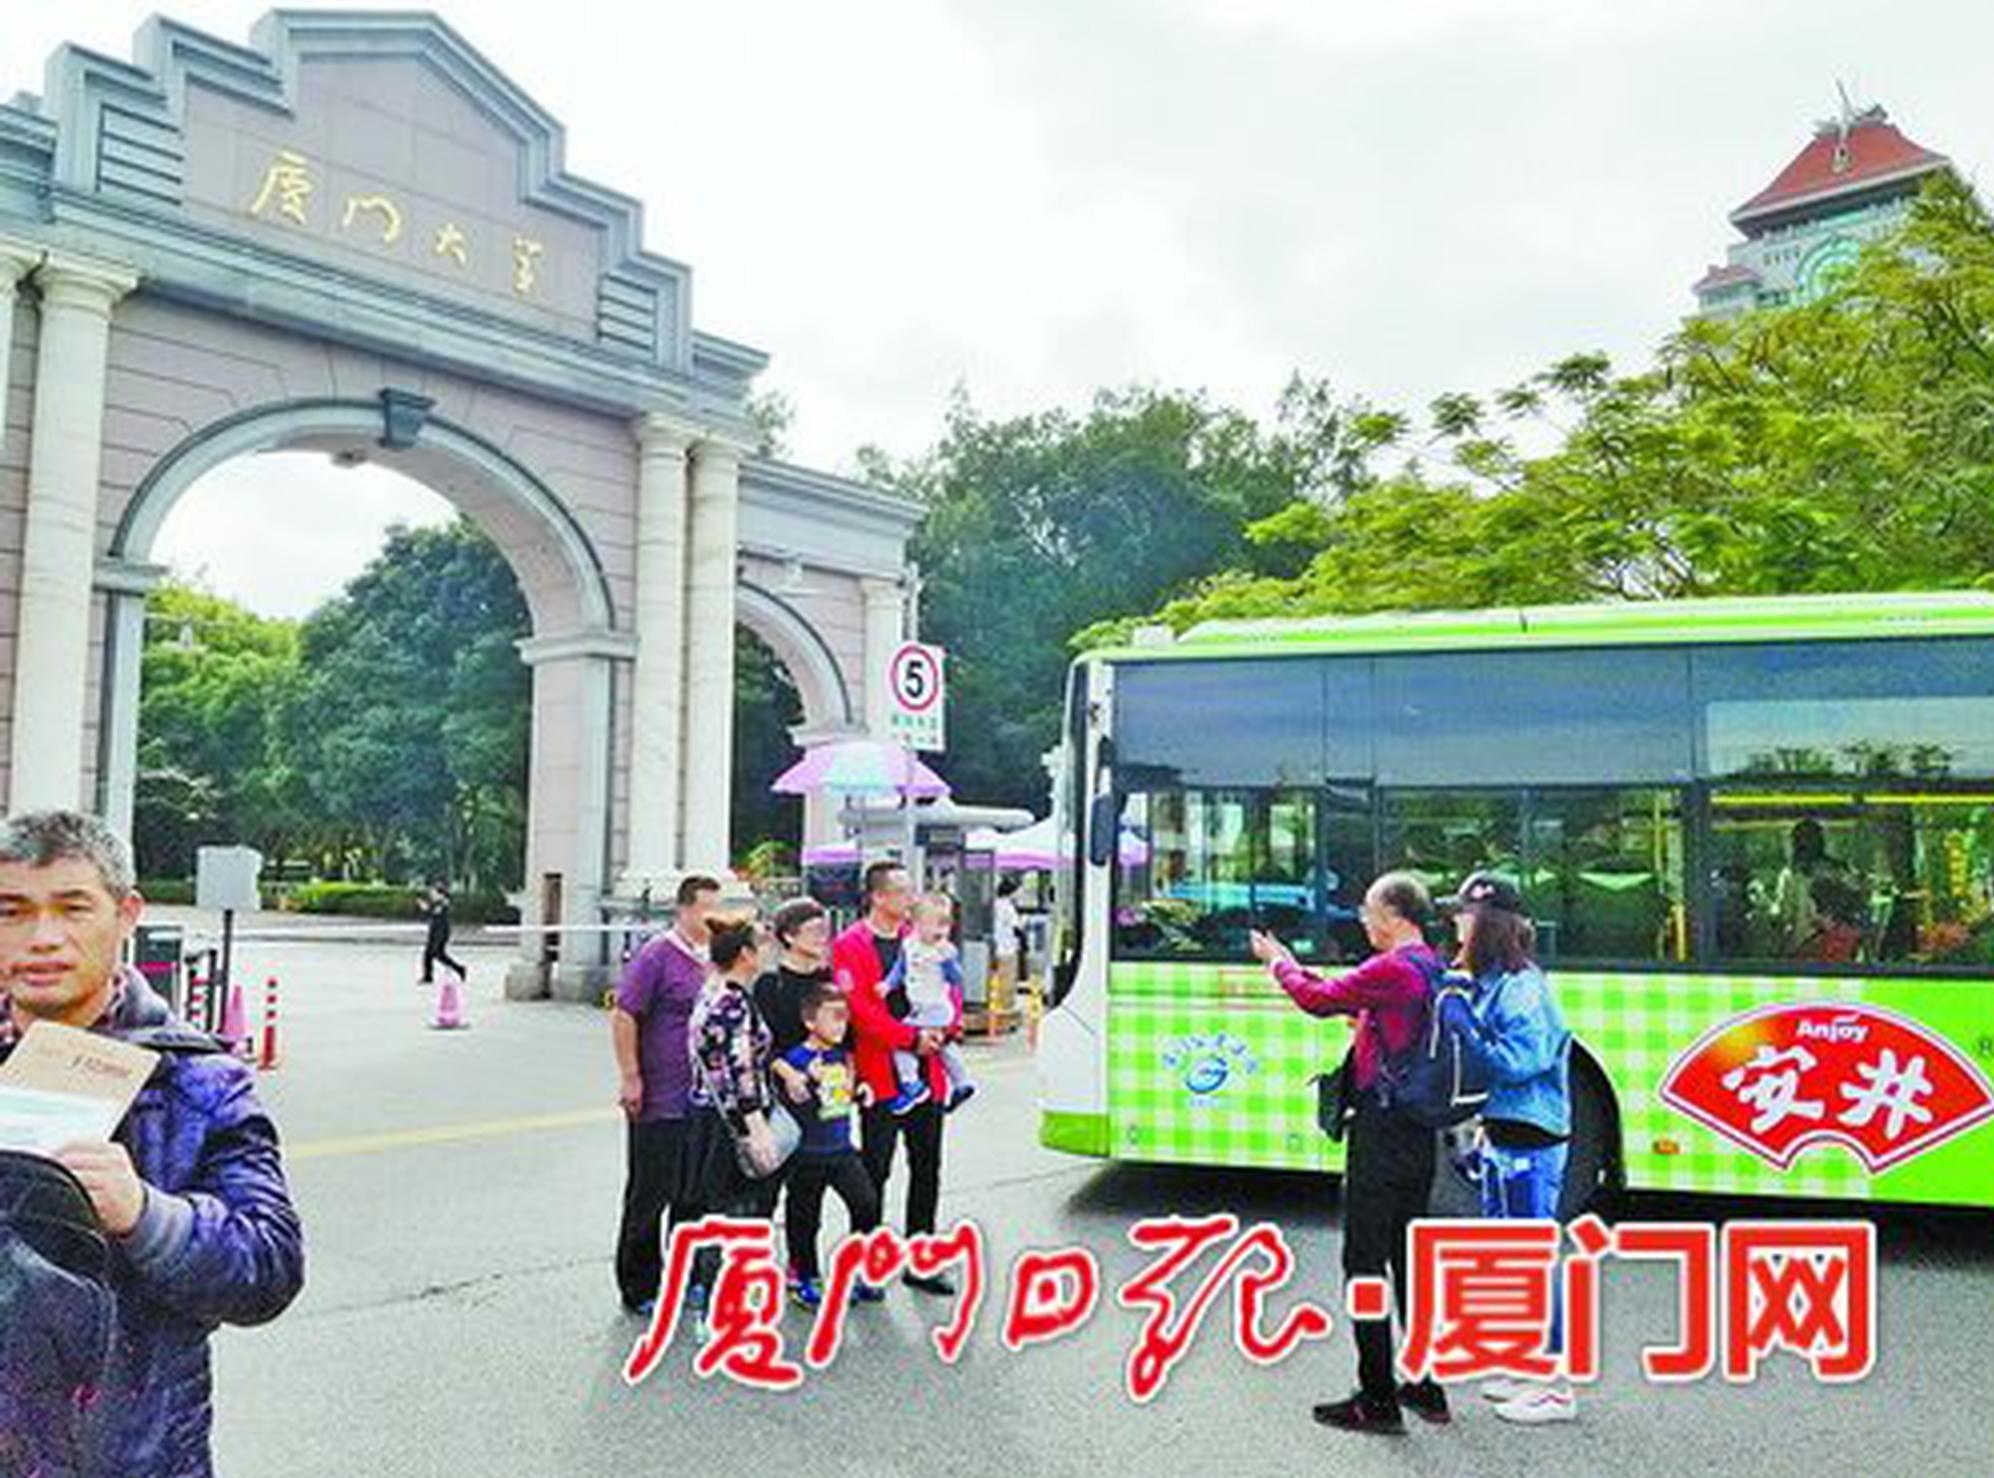 被拍照游客堵住的公交车